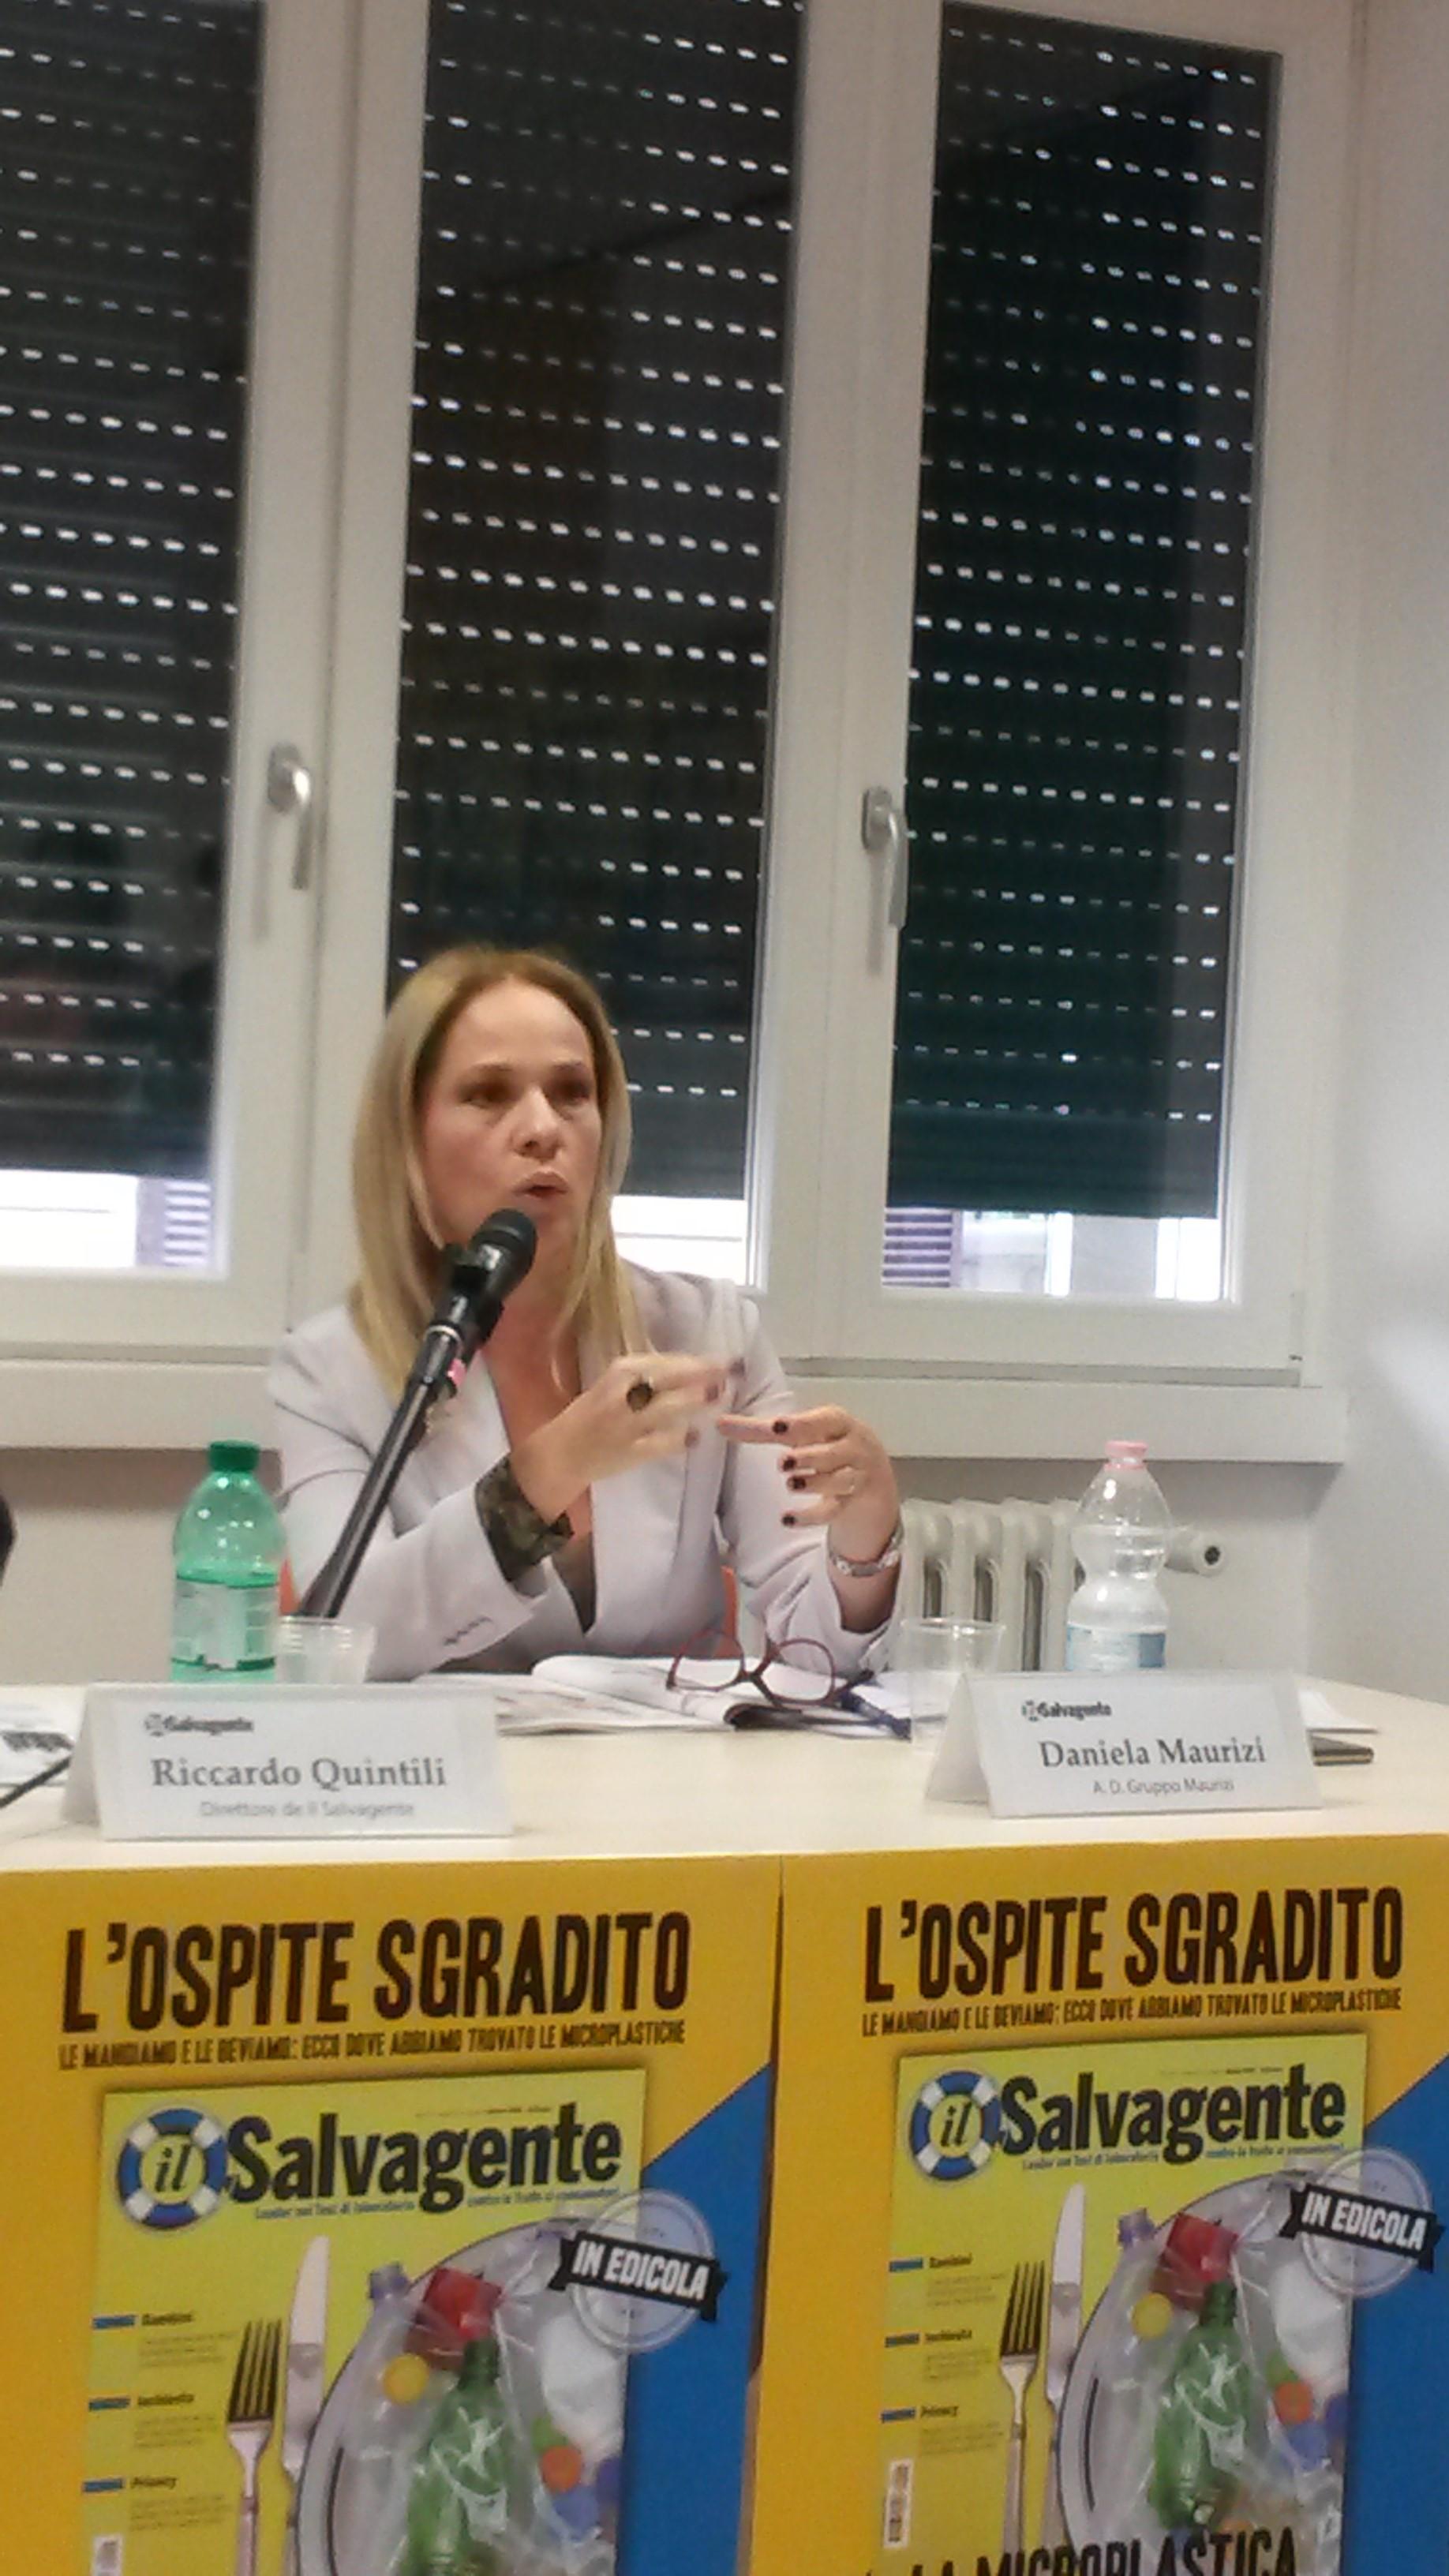 microplastica - chimica Daniela Maurizi